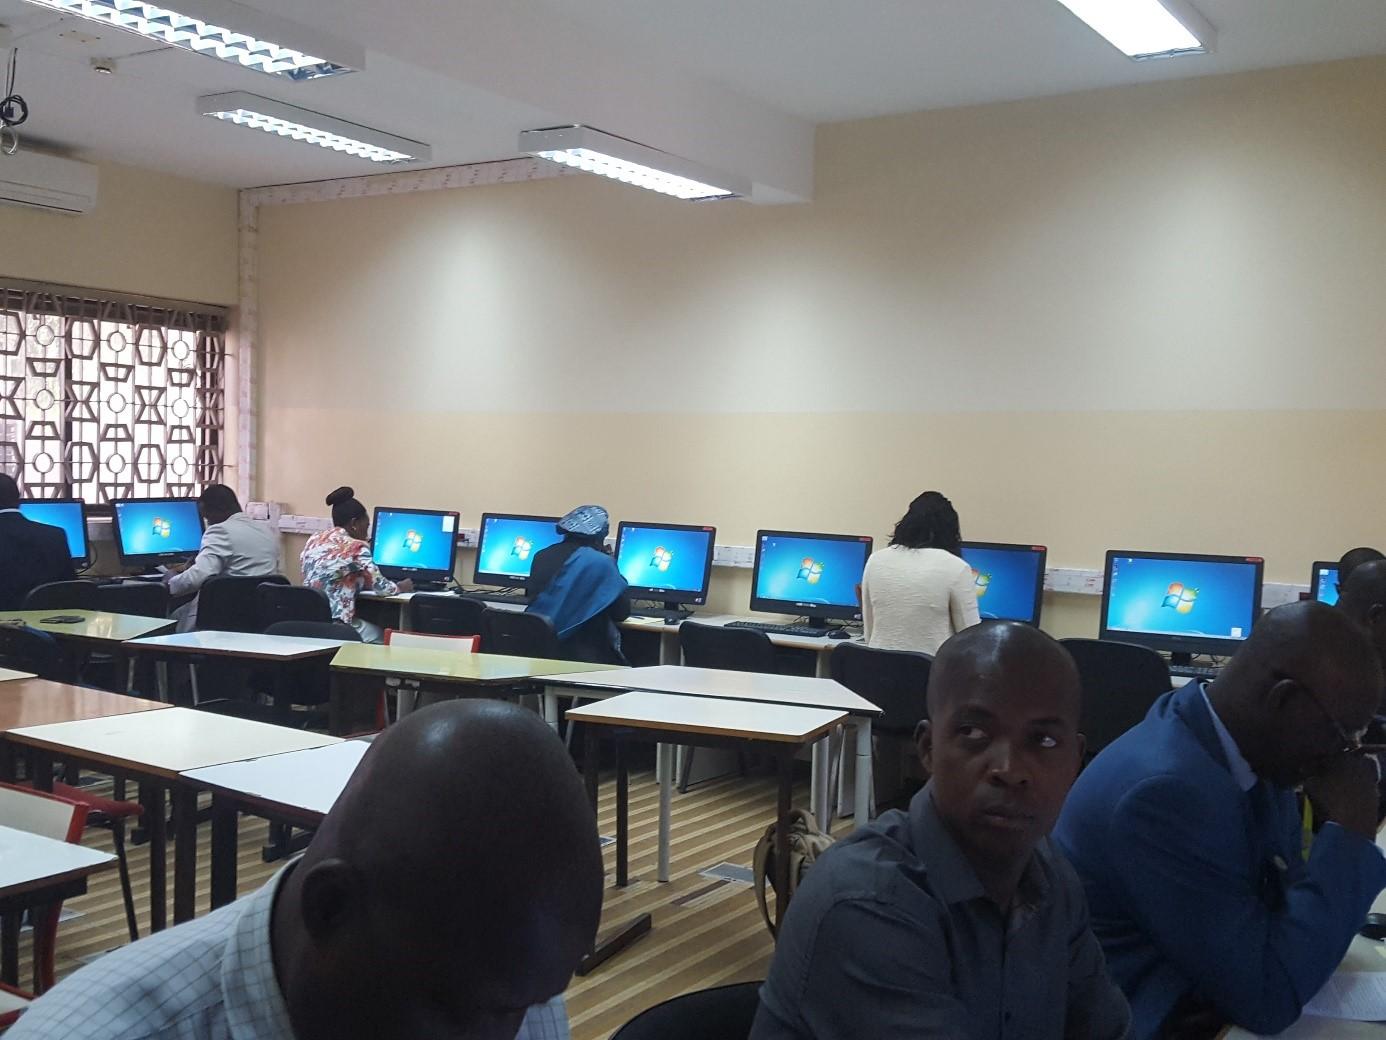 Candidats dans la salle des examens pour les épreuves écrites